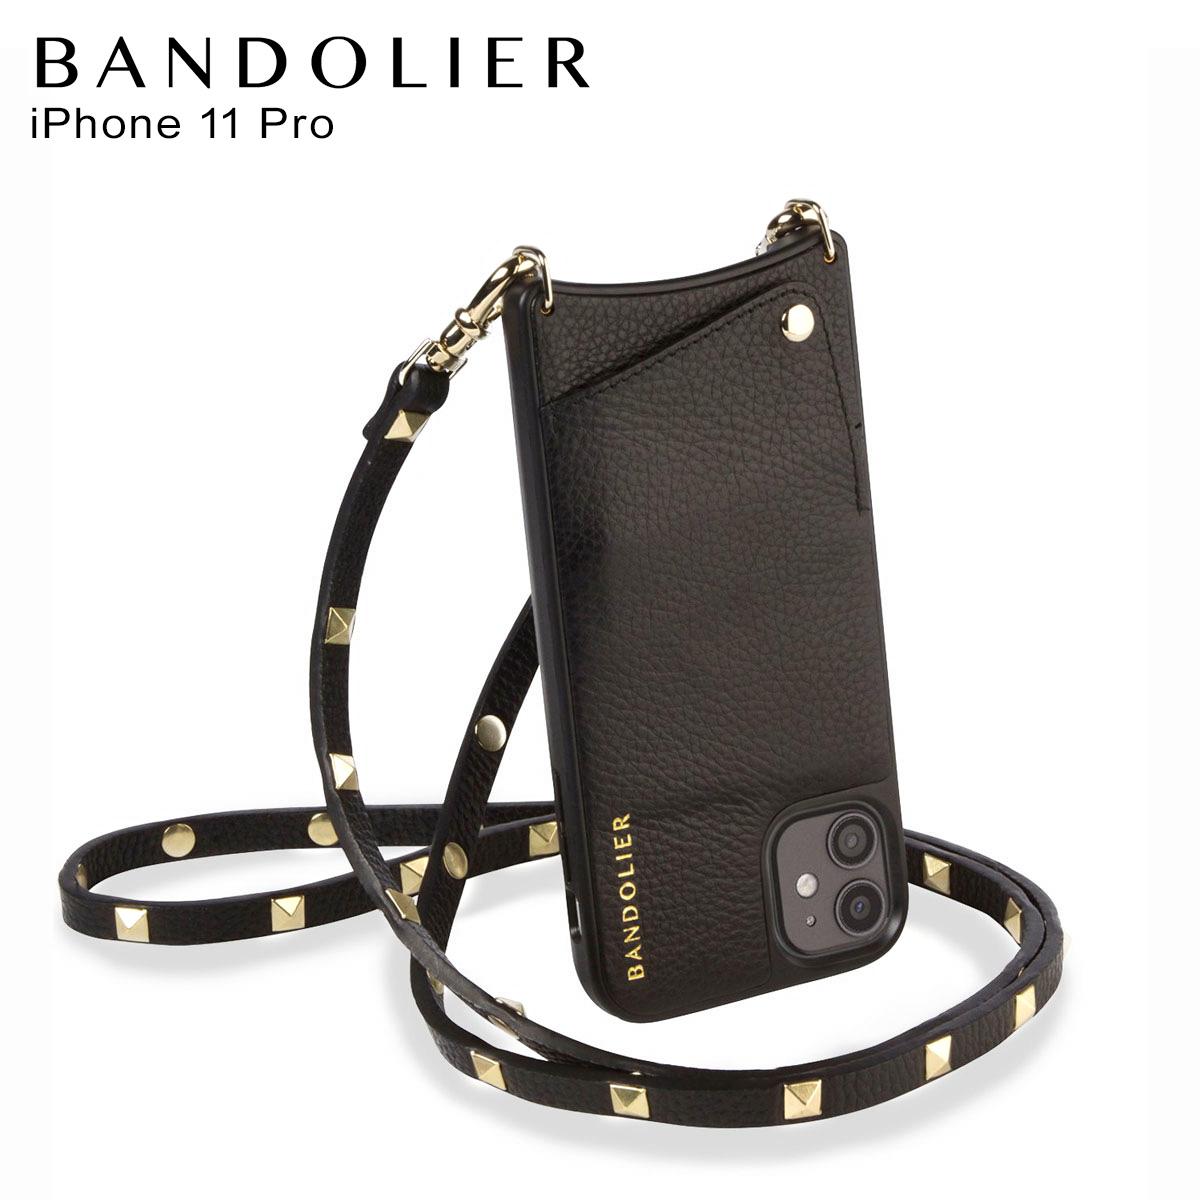 BANDOLIER SARAH GOLD バンドリヤー サラ ゴールド iPhone11 Pro ケース スマホ 携帯 ショルダー アイフォン メンズ レディース ブラック 黒 2014